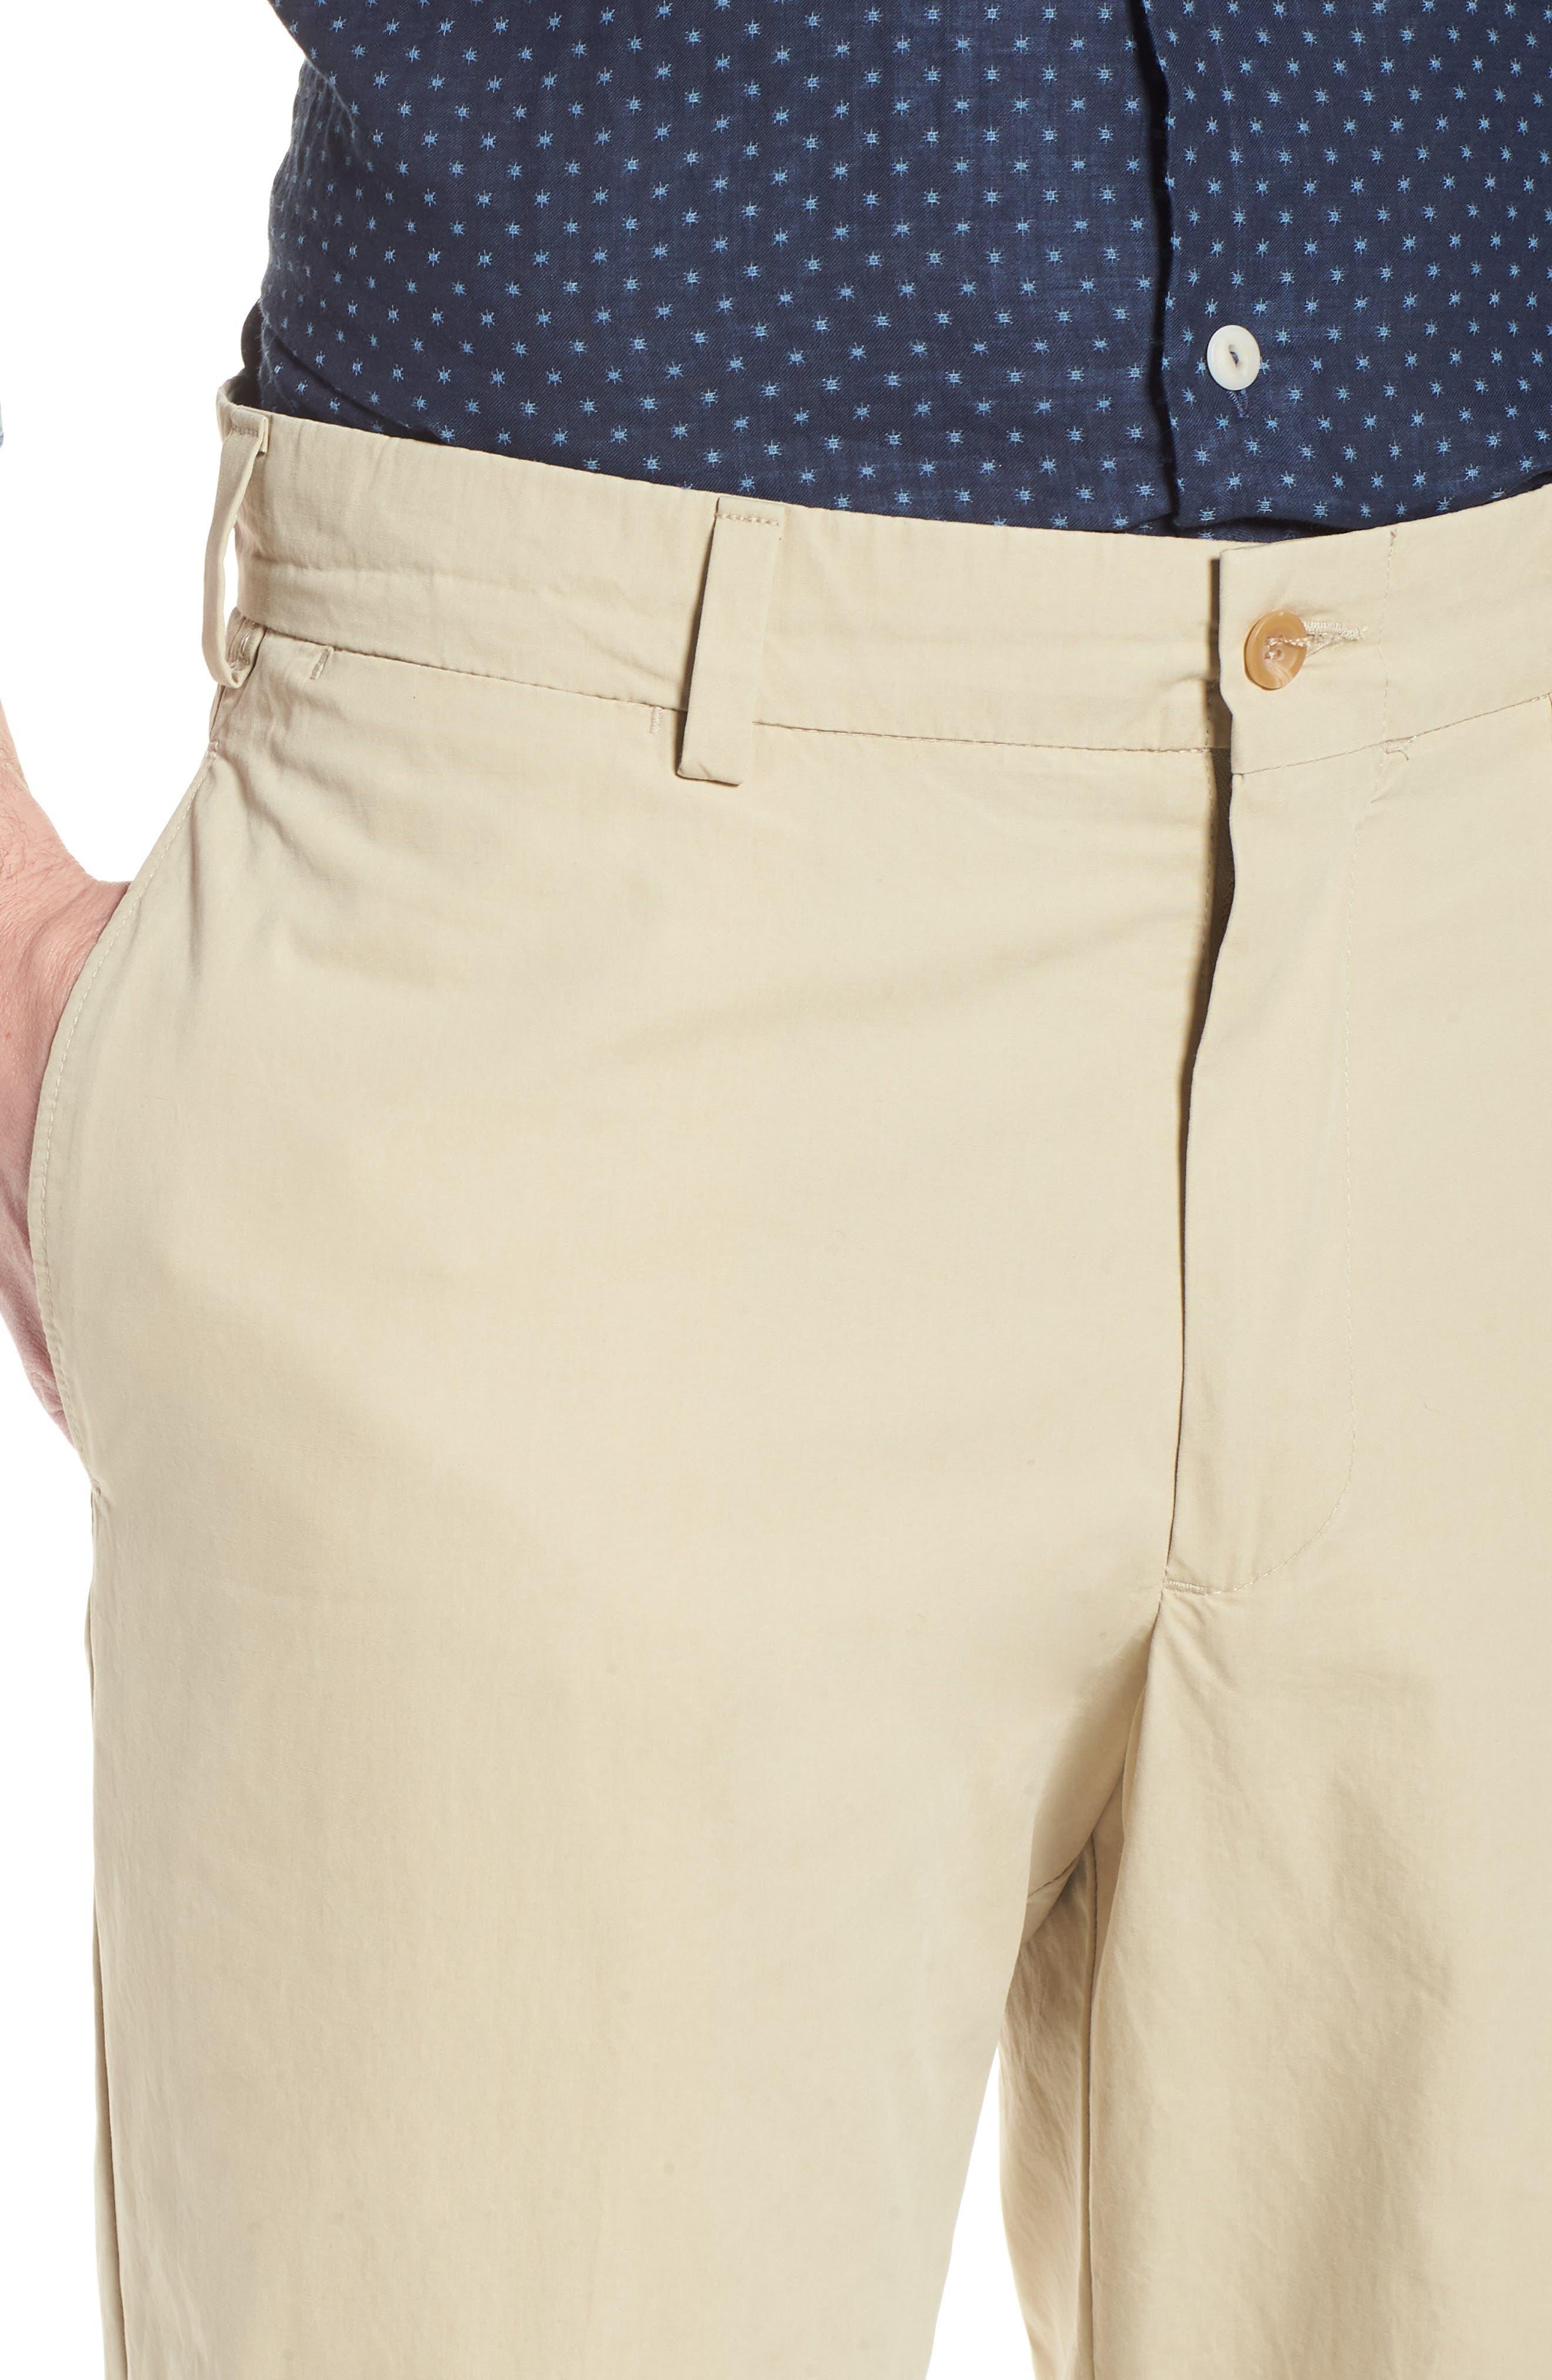 M2 Classic Fit Flat Front Tropical Cotton Poplin Pants,                             Alternate thumbnail 4, color,                             Khaki